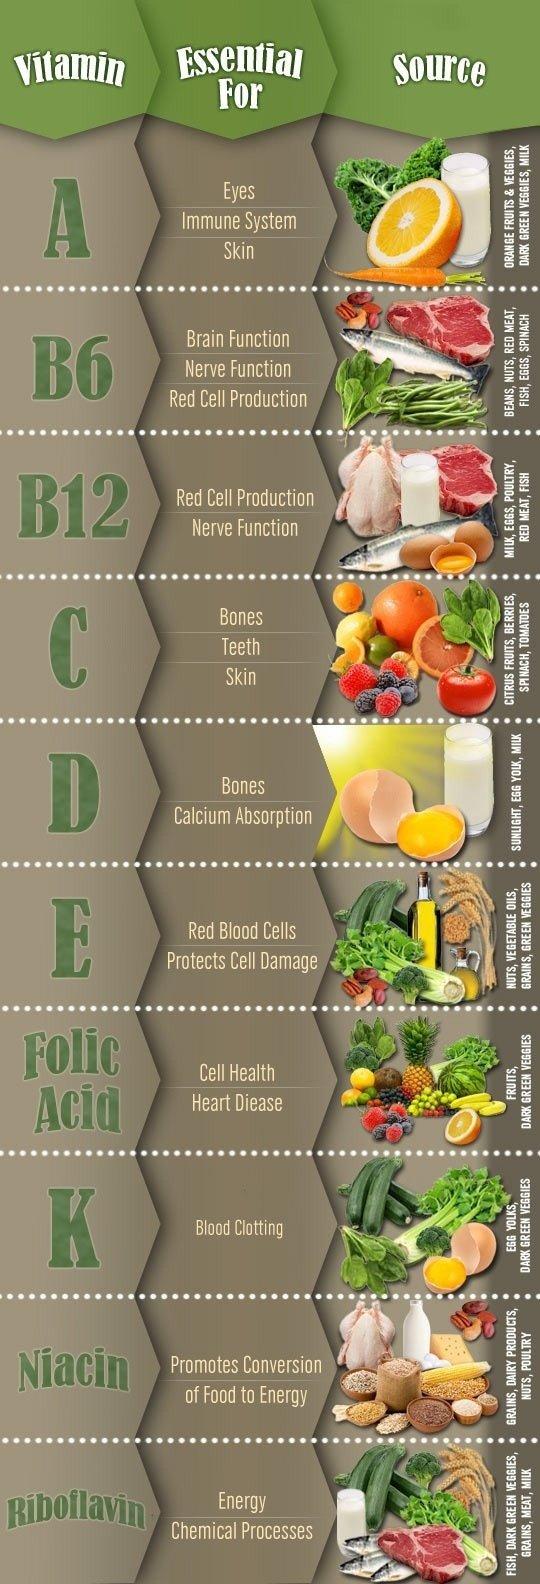 advertising,menu,screenshot,food,vitamin,